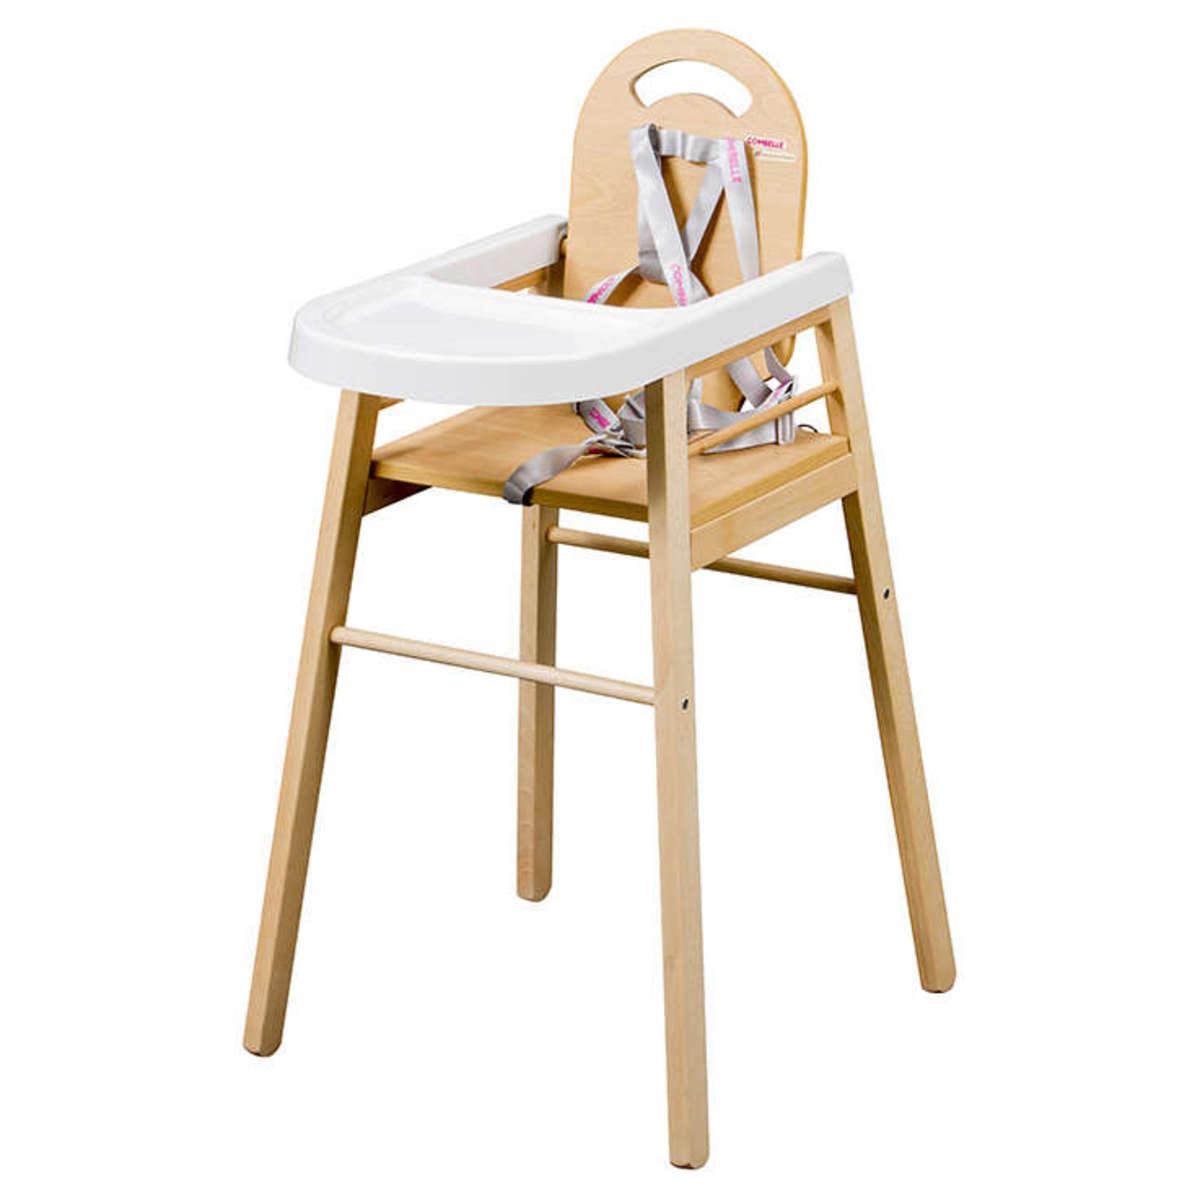 Chaise haute Chaise Haute Fixe Lili - Naturel Chaise Haute Fixe Lili - Naturel